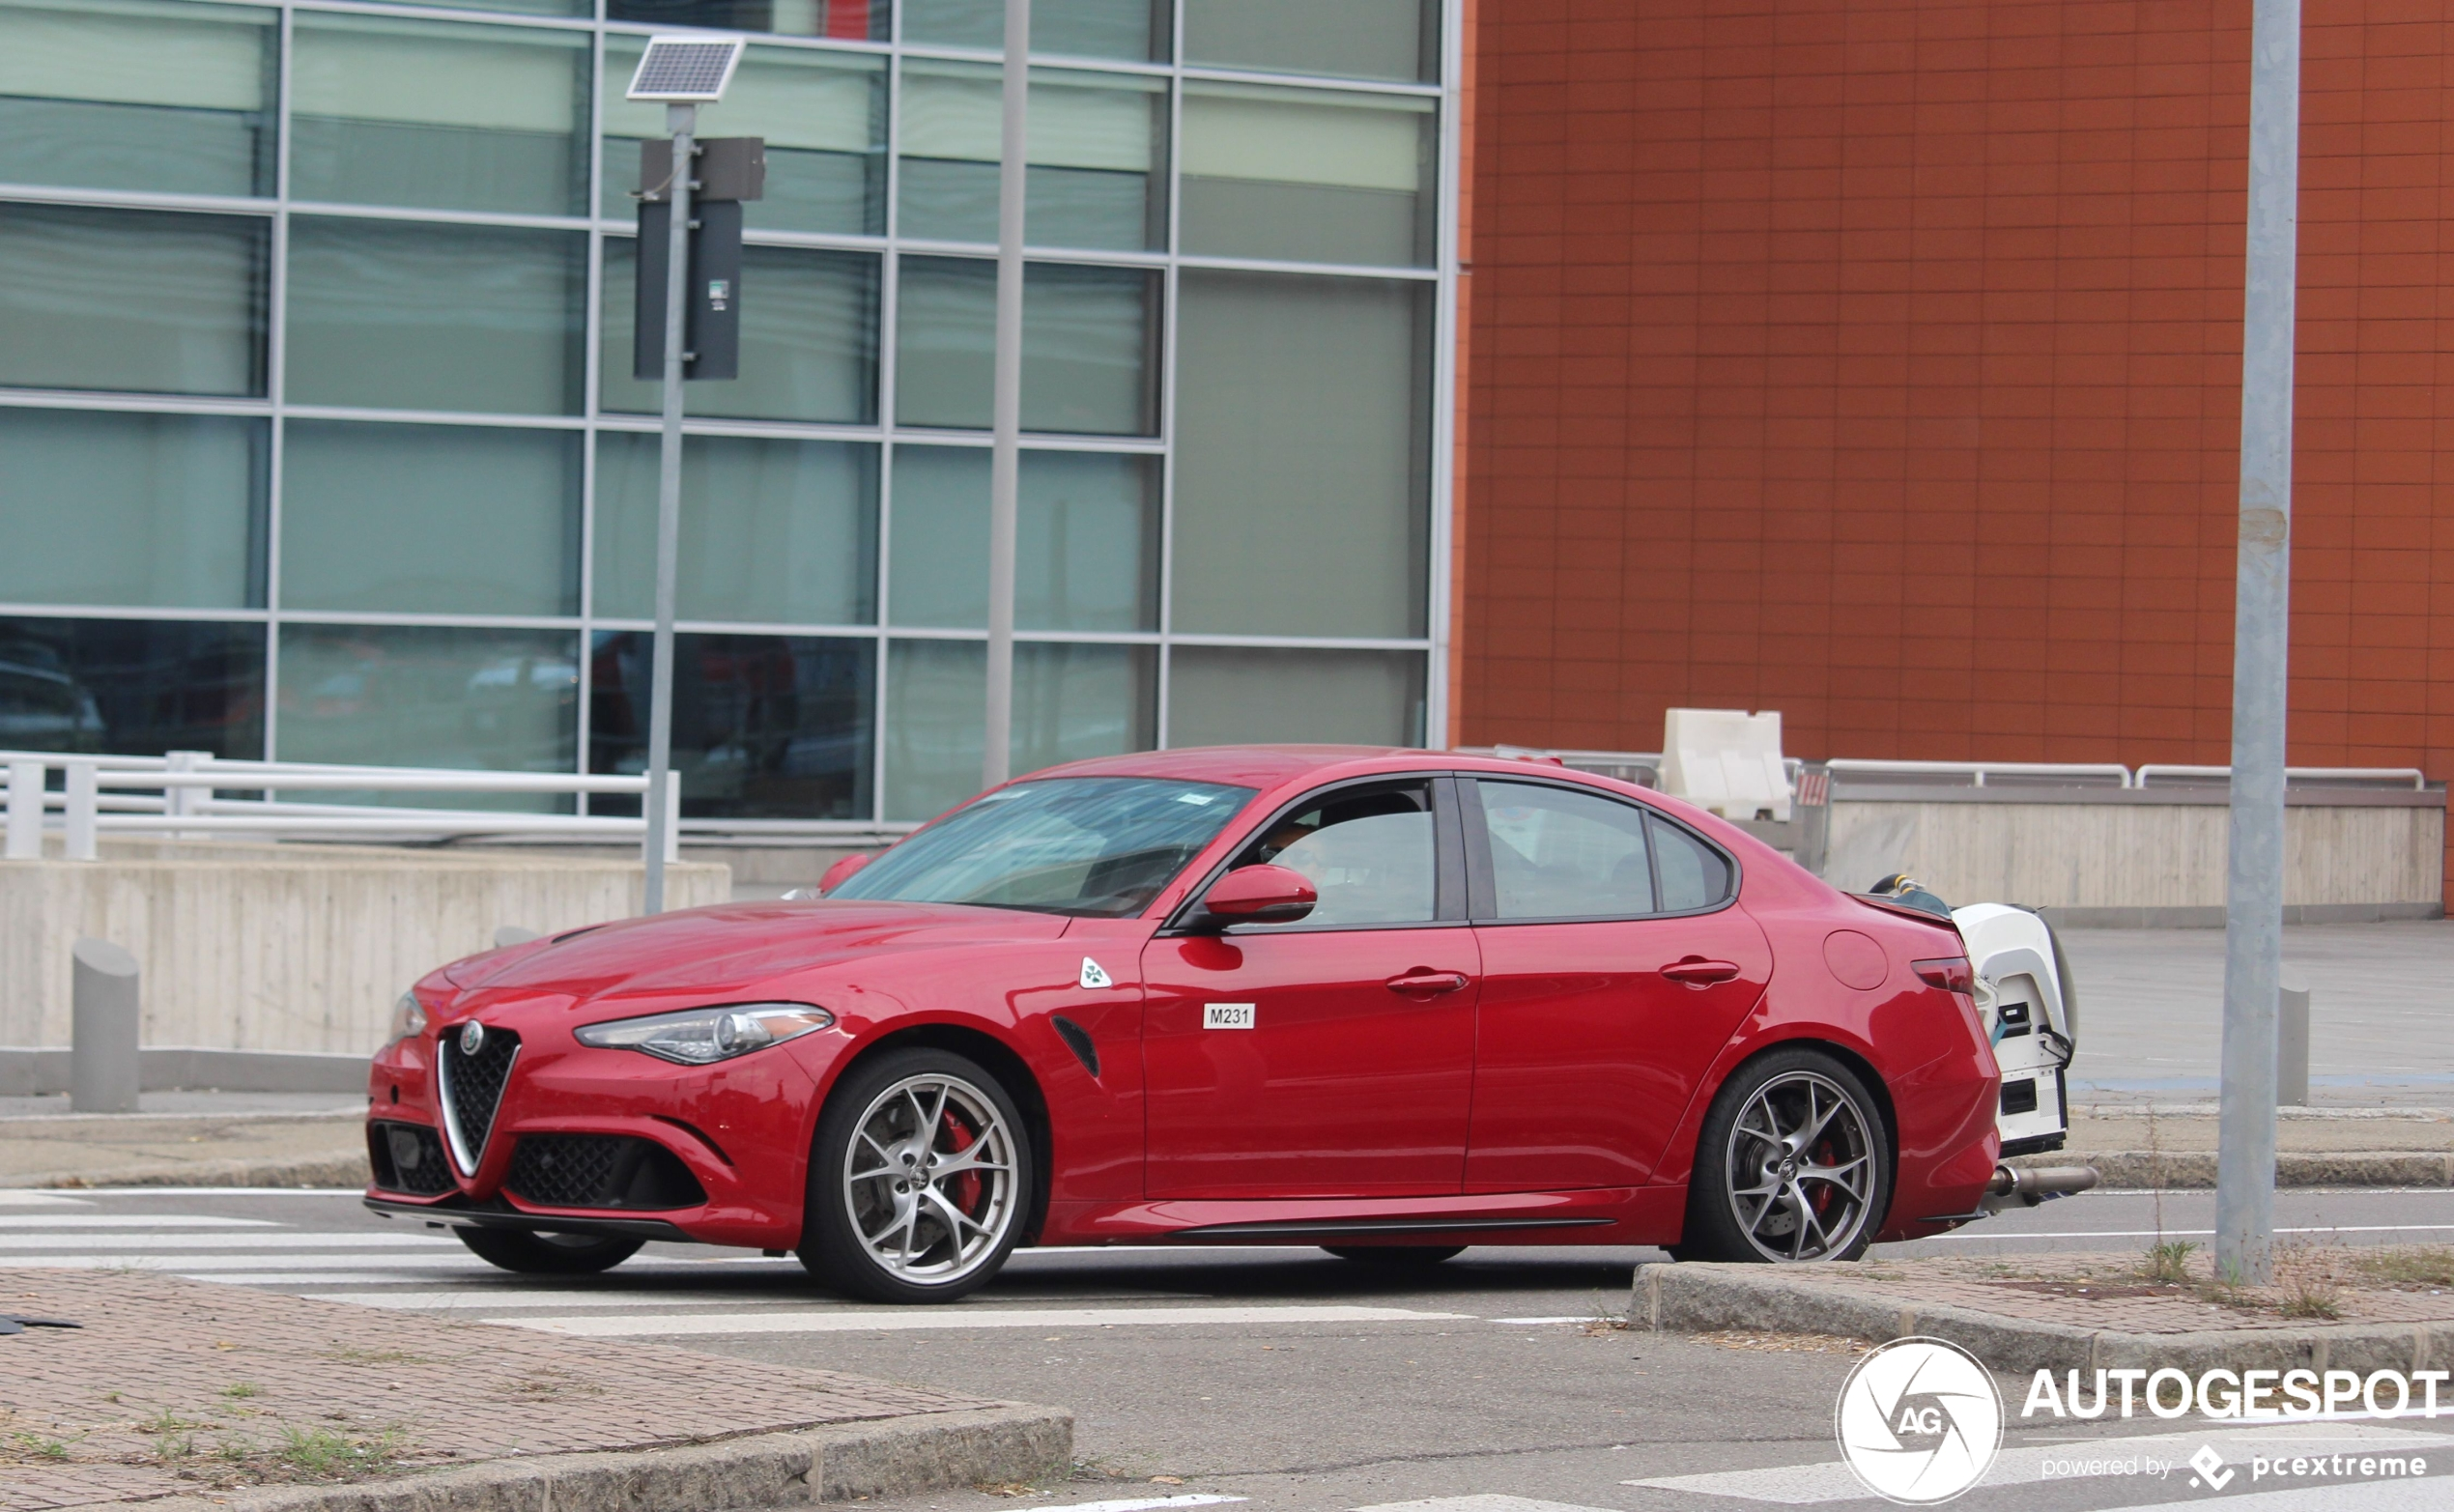 Alfa Romeo Giulia wordt getest op emissies